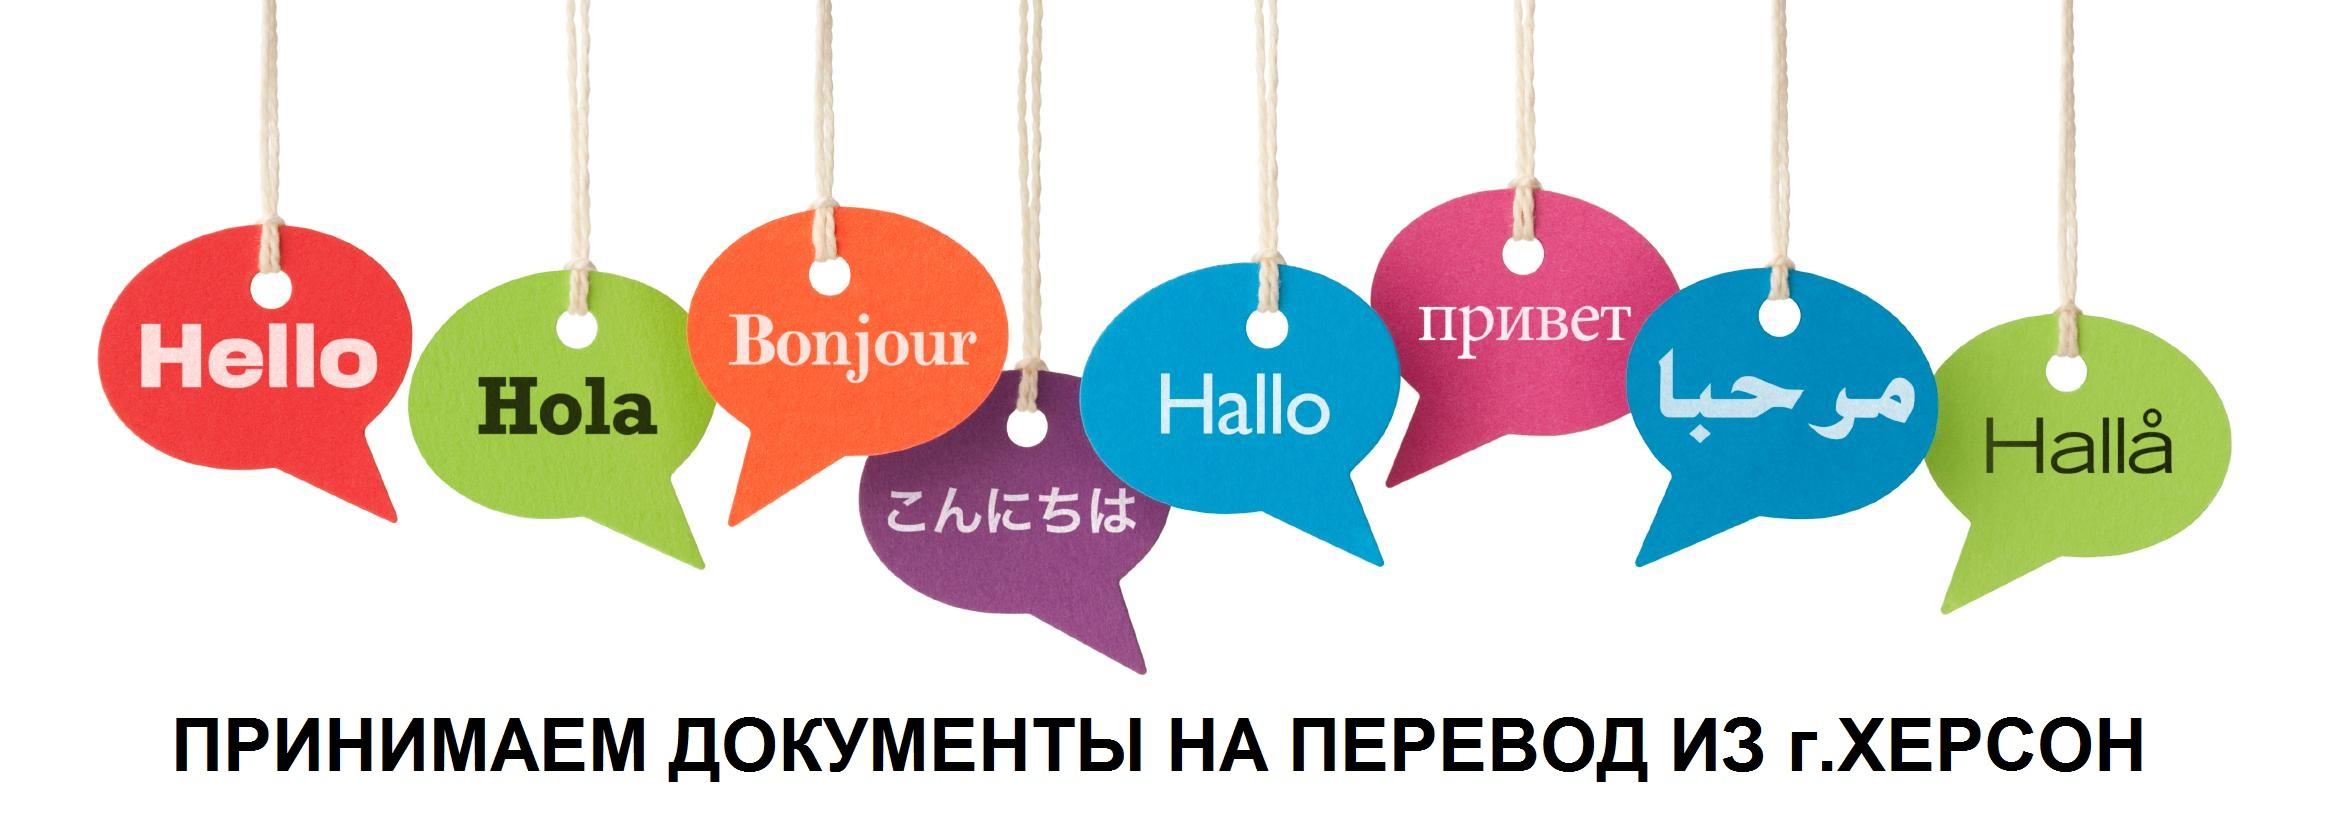 ПРИНИМАЕМ ДОКУМЕНТЫ НА ПЕРЕВОД ИЗ г.ХЕРСОН - SpravkaInform.com.ua